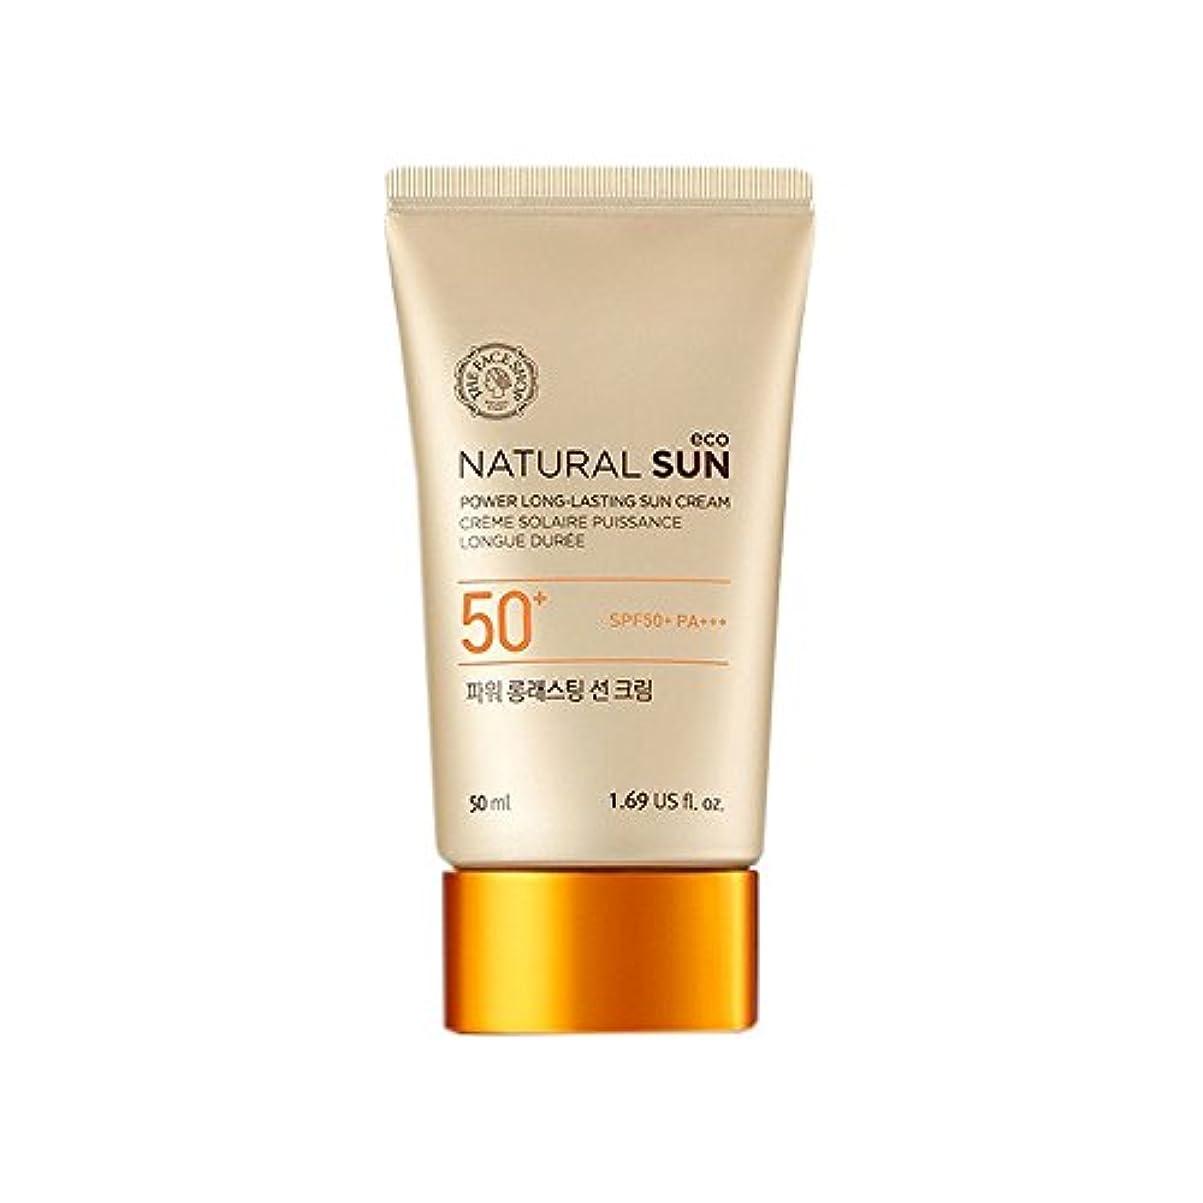 会計士時間とともに同等の[ザ?フェイスショップ] The Face Shop ナチュラルサン エコ パワー ロングラスティング サン クリーム SPF50+PA+++50ml The Face Shop Natural Sun Eco Power...